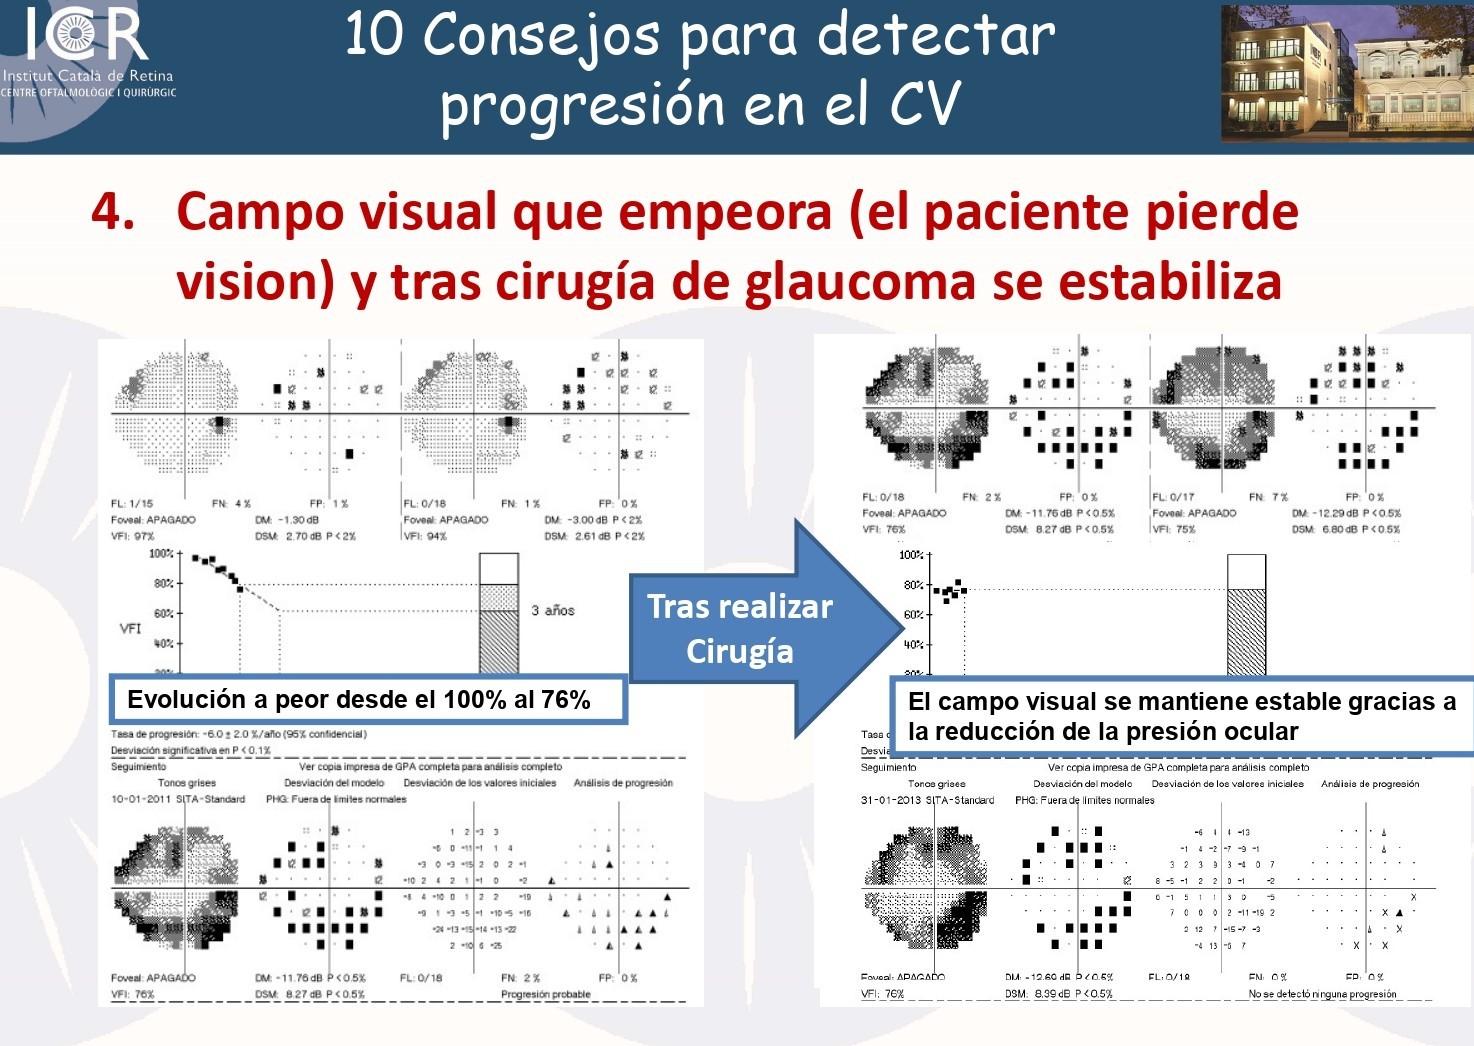 El Dr. Antón ha presentado en el congreso 10 consejos para detectar la progresión de glaucoma